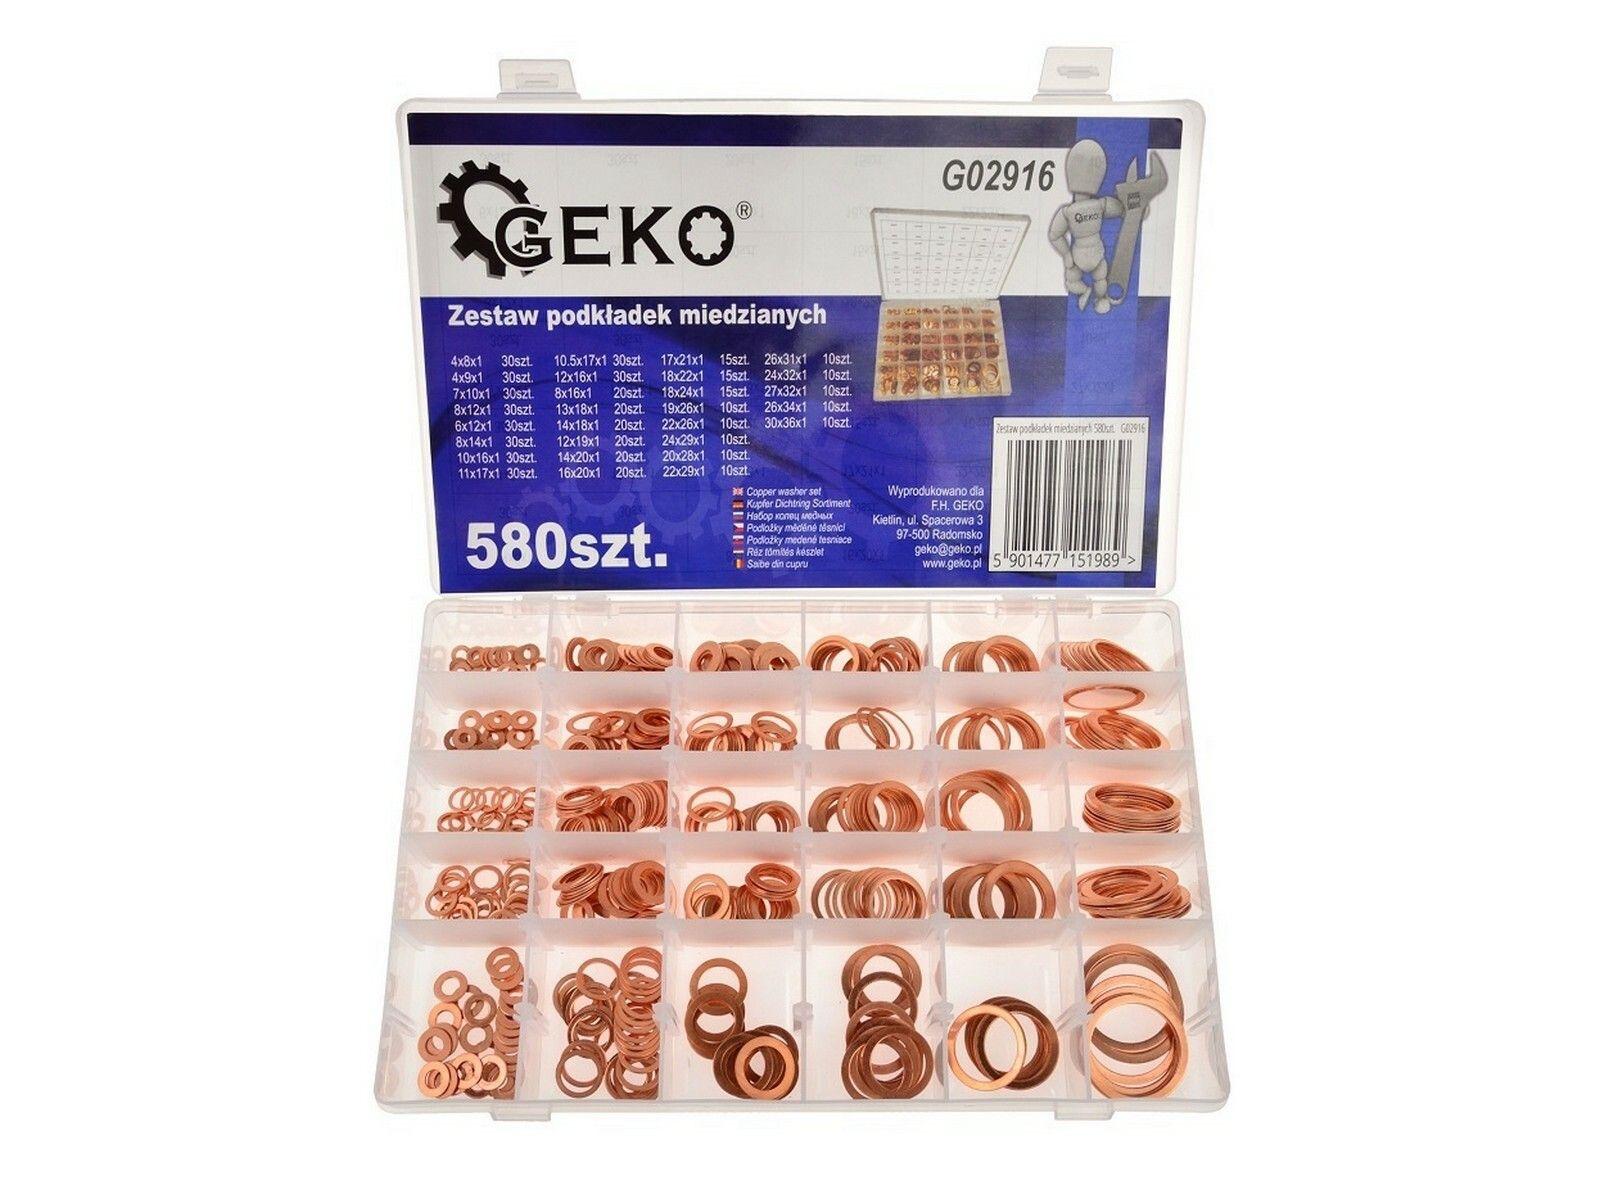 Sada měděných podložek 580 ks GEKO